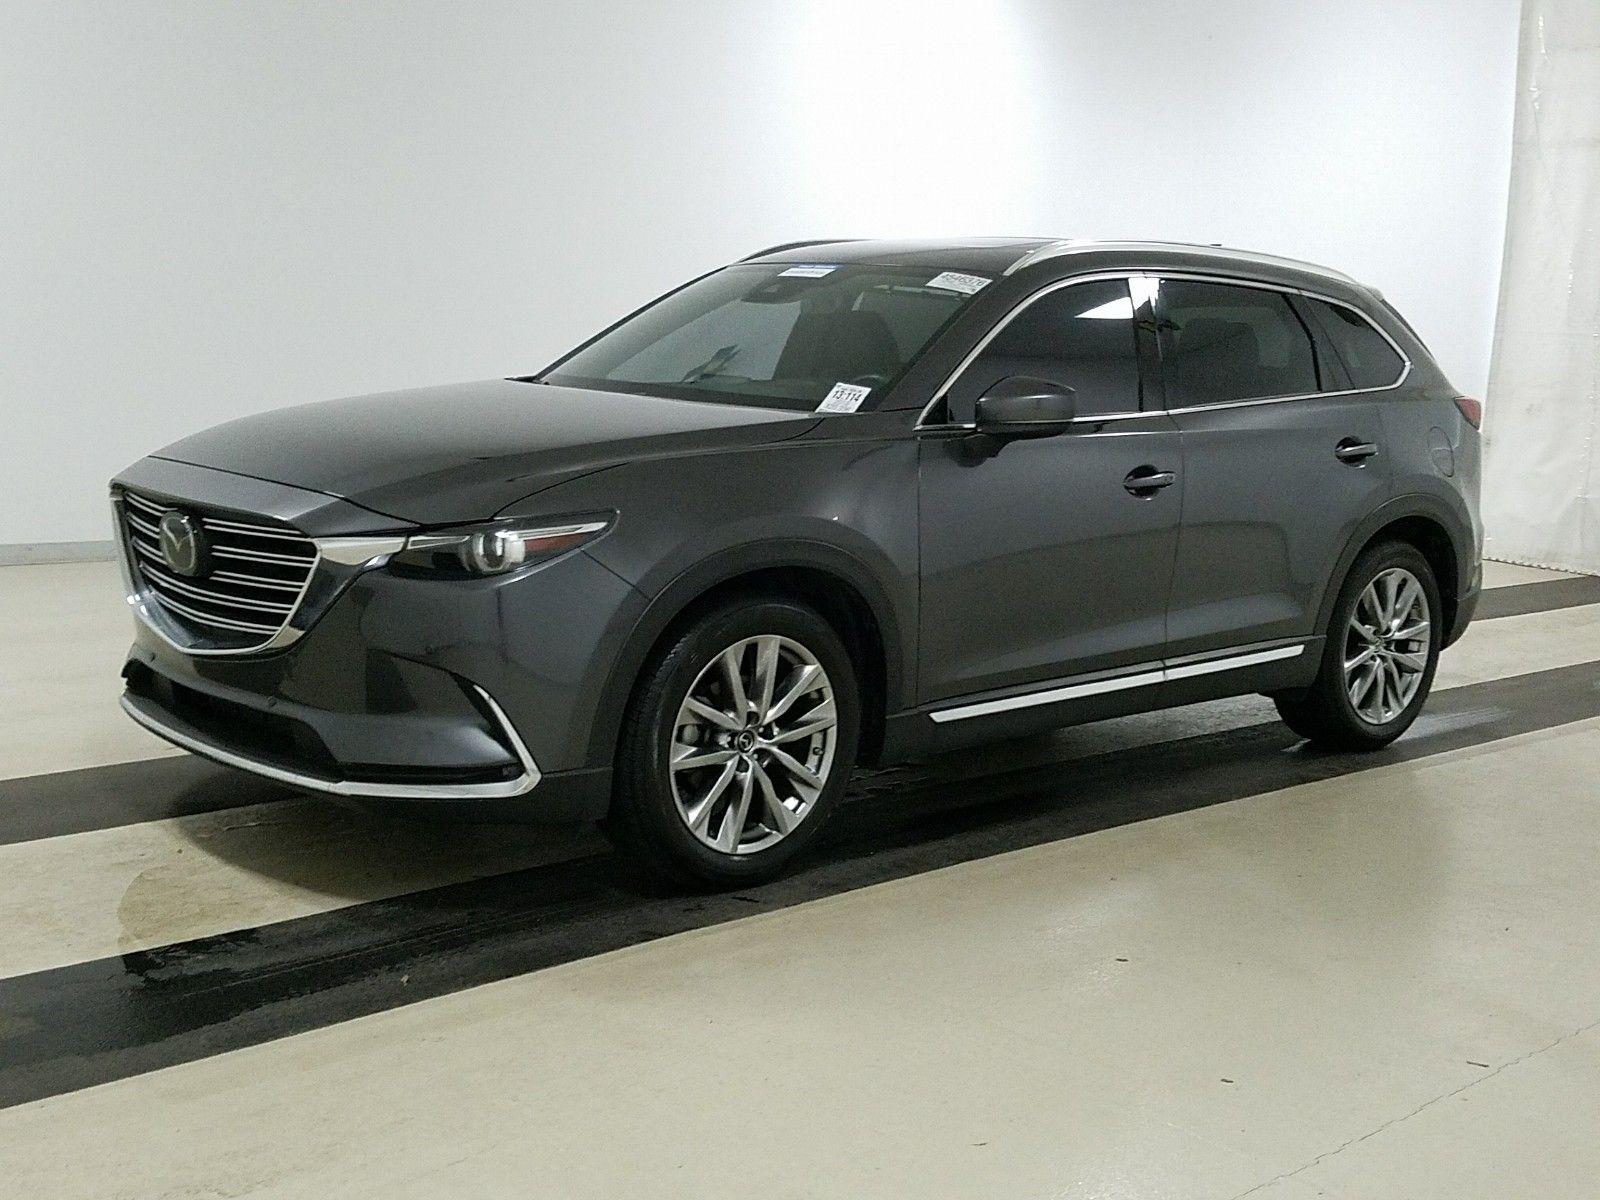 2018 Mazda Cx-9 2.5. Lot 99915993983 Vin JM3TCADY8J0202605